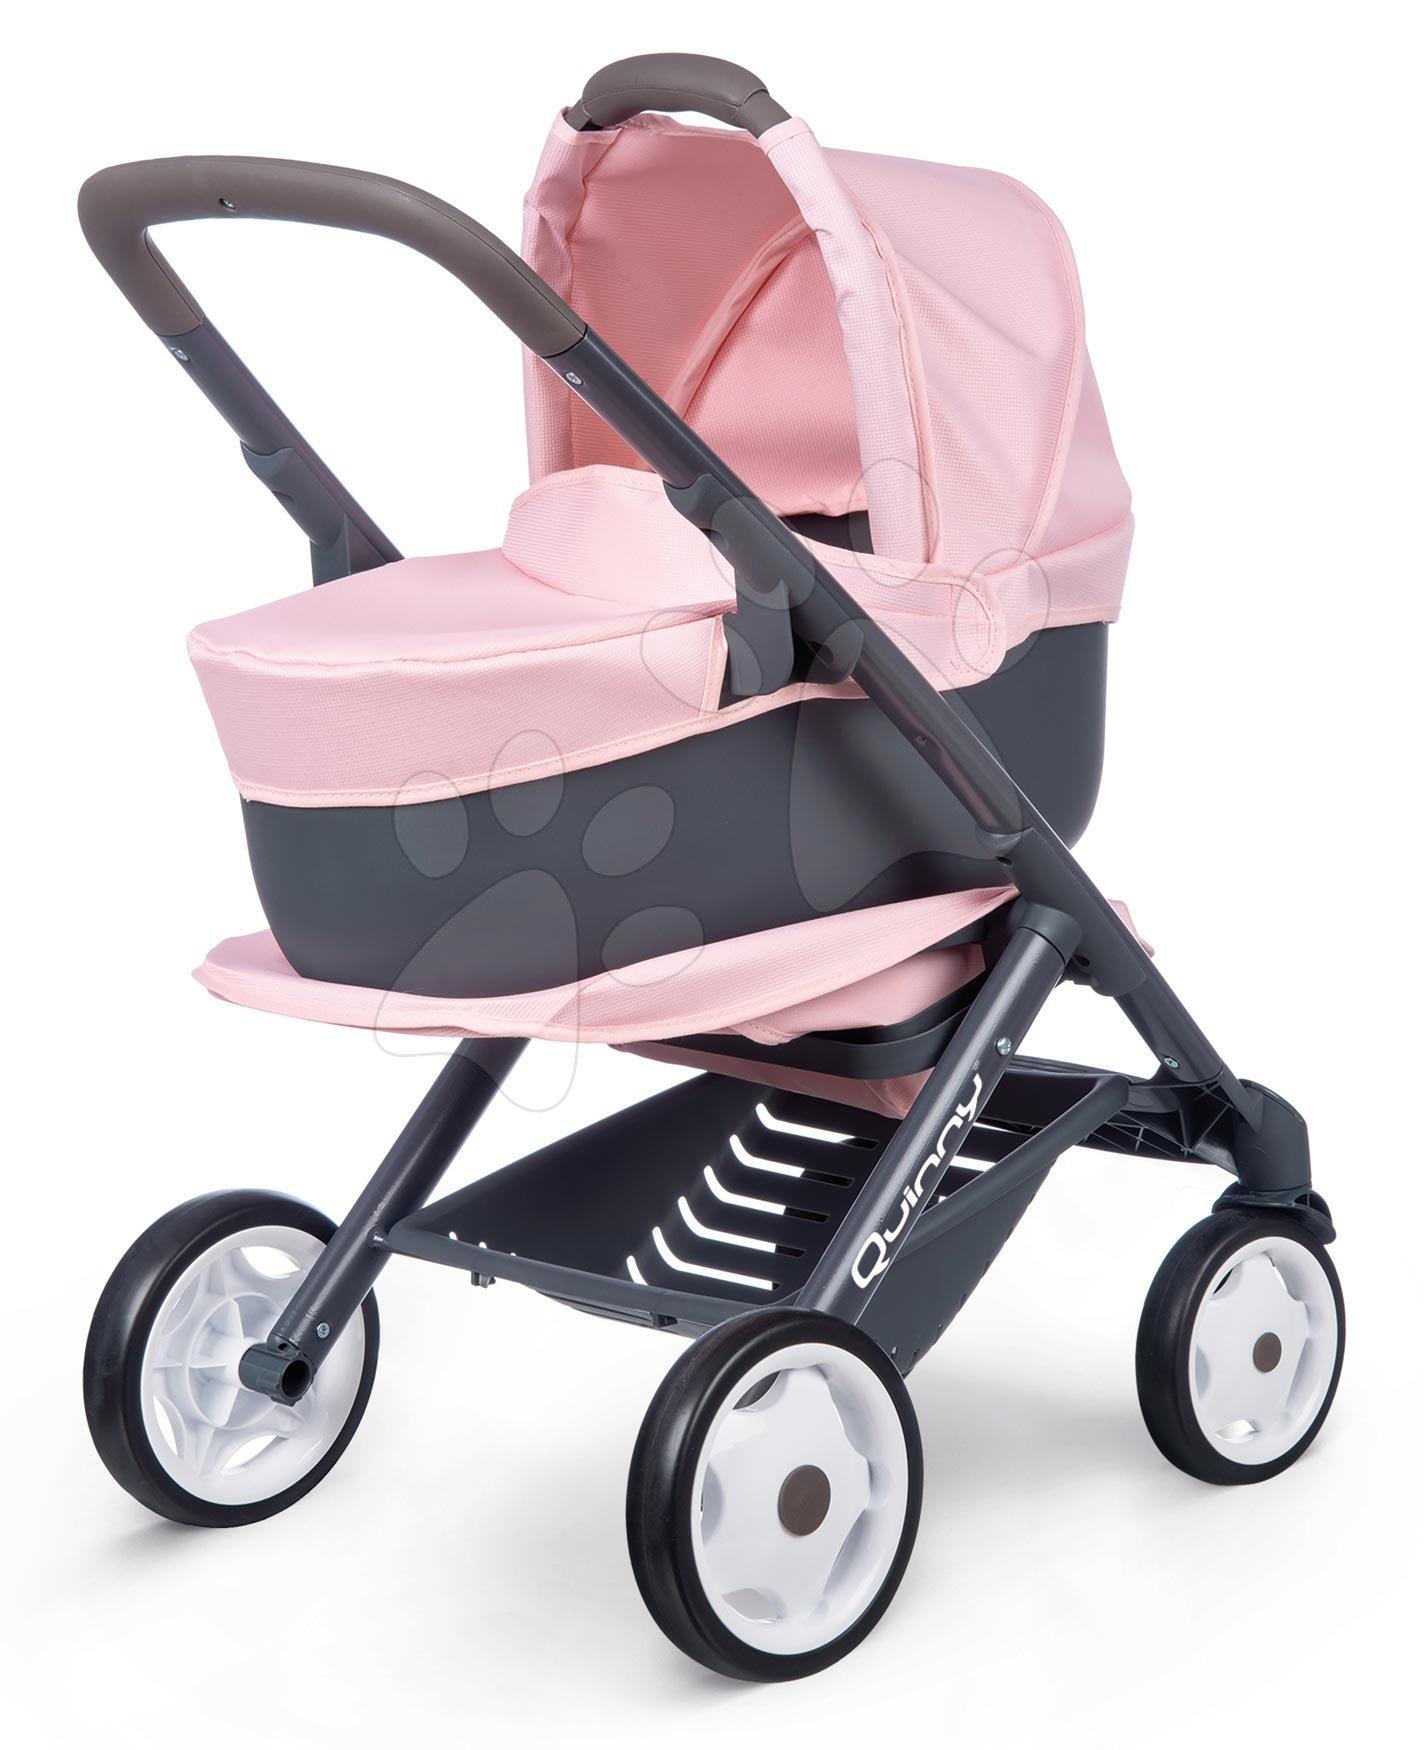 Vozički za dojenčke - Voziček 3v1 Powder Pink 3in1 Maxi Cosi&Quinny Smoby globoki in športni ter prenosljiva posteljica za 42 cm dojenčka